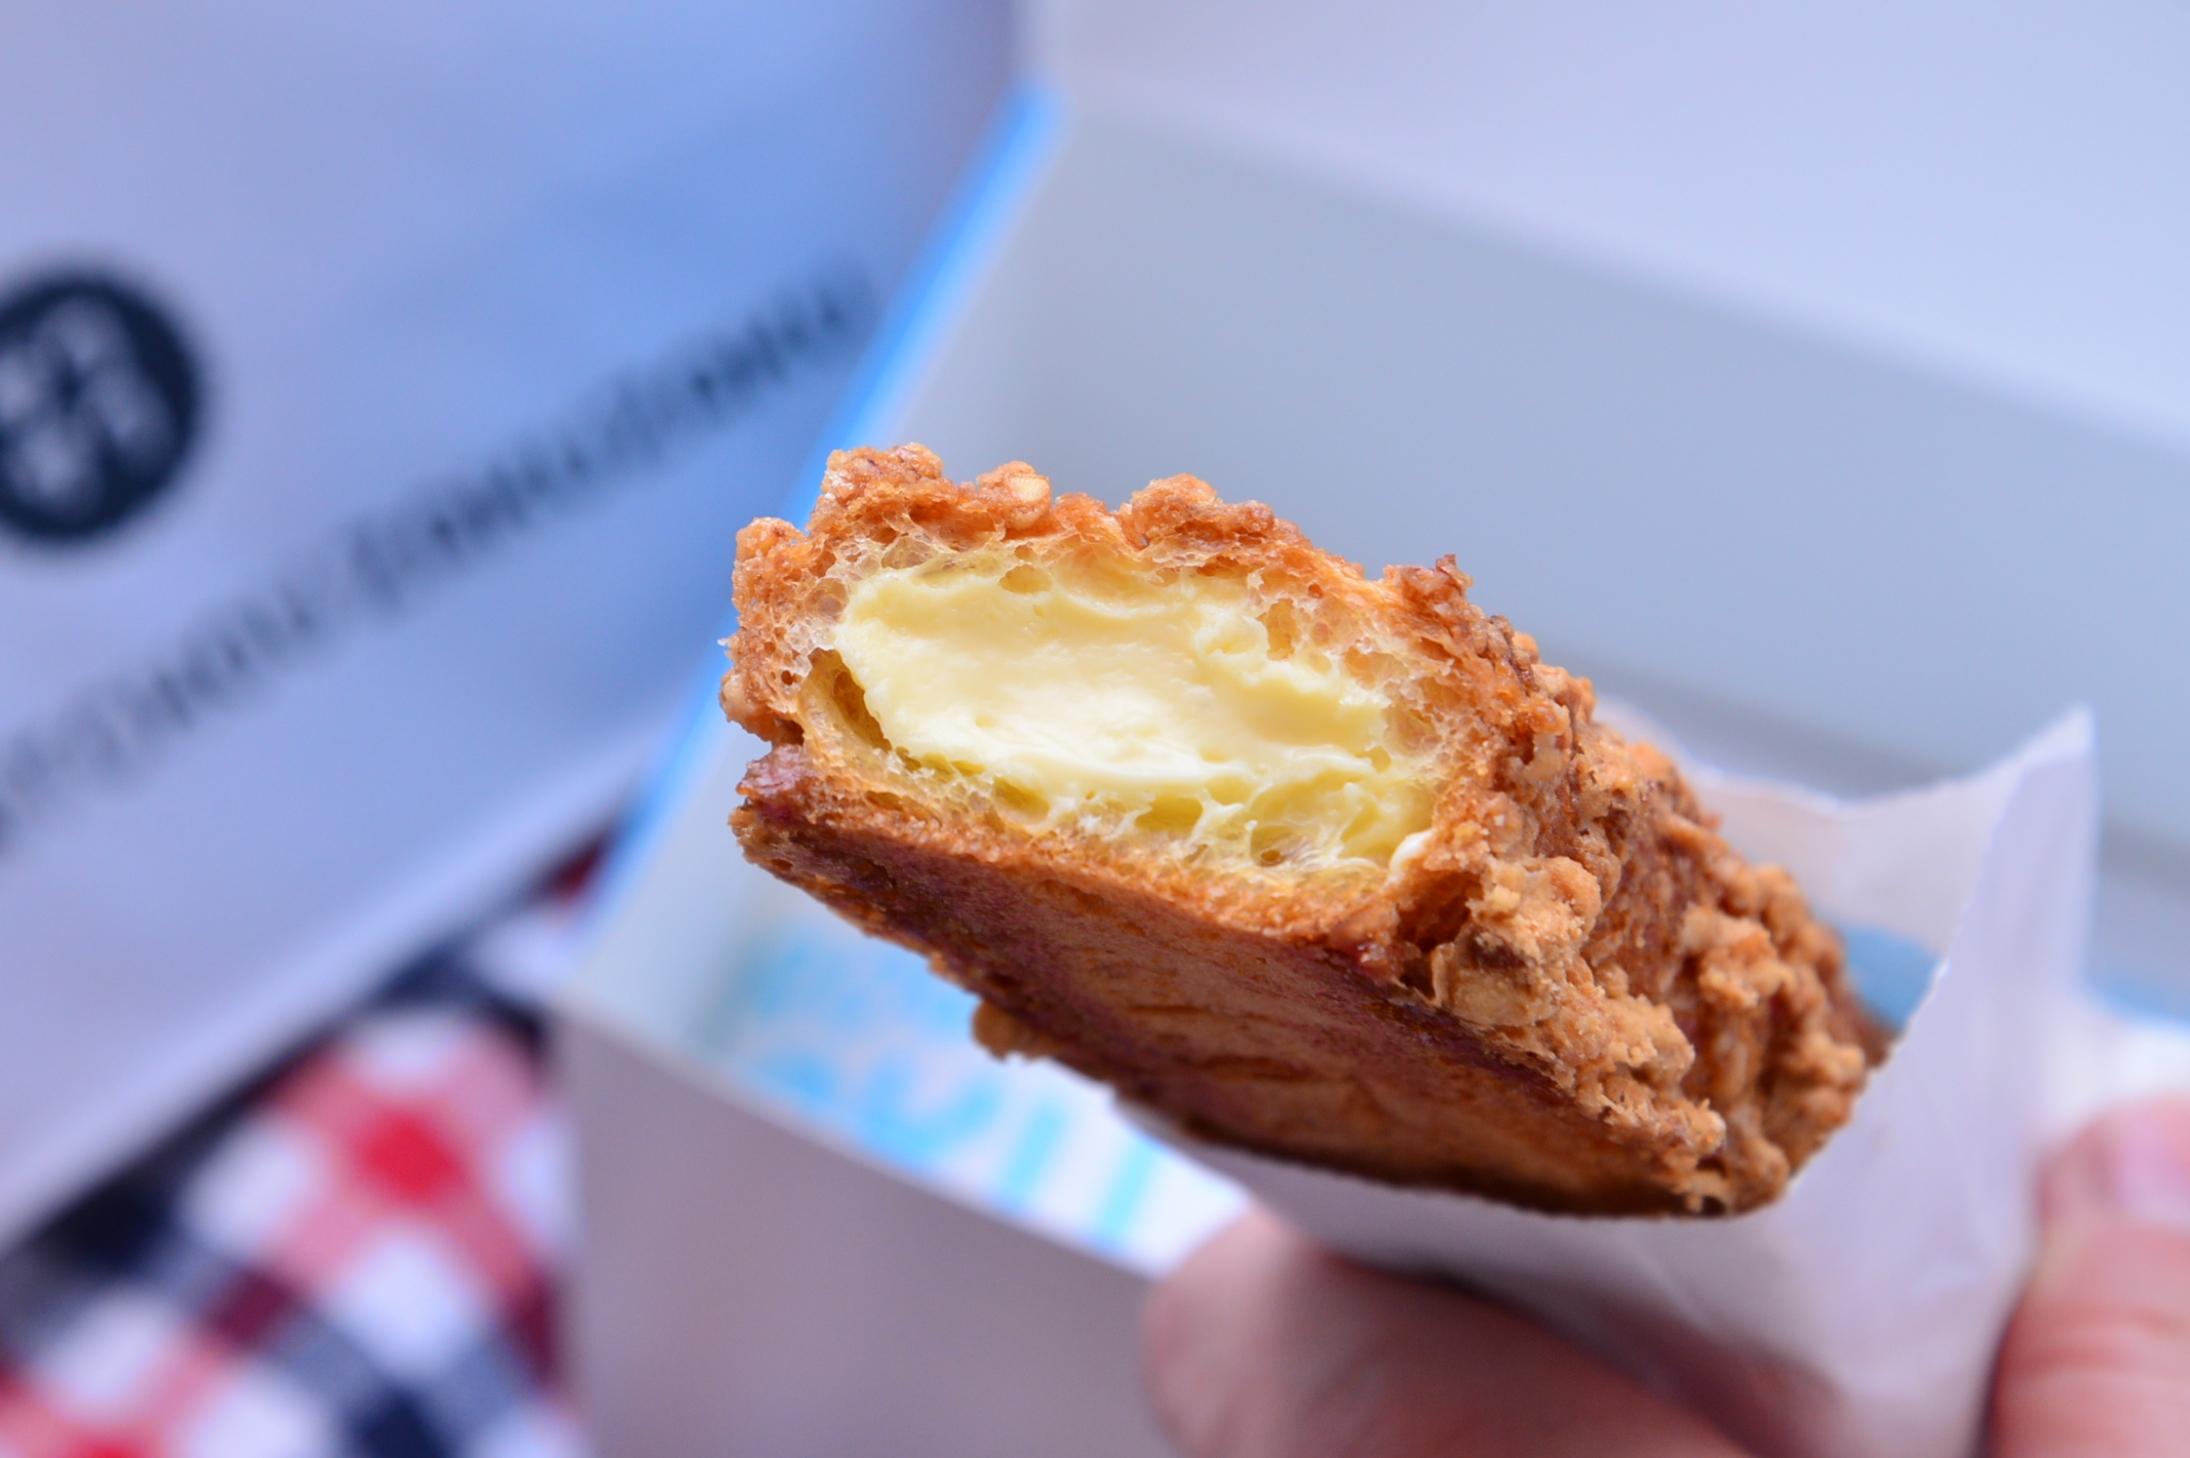 ↑毎日店頭で焼き上げられるクロッカン生地のザクザク食感と、北海道産の放牧牛乳で作ったフレッシュでなめらかなカスタードクリームの風味が楽める